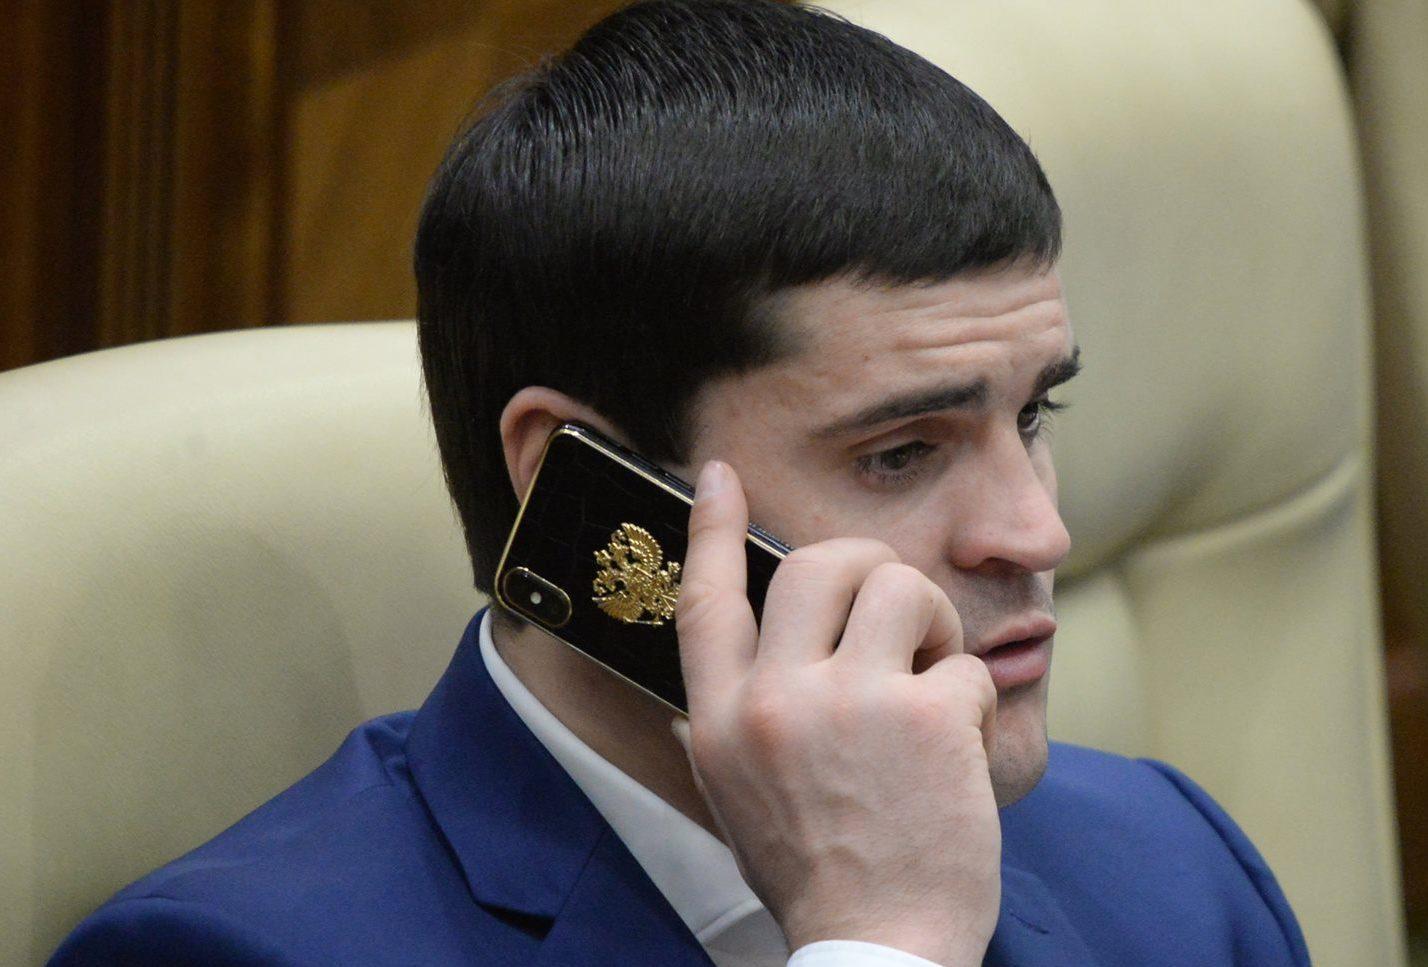 POZA ZILEI: Fițe de deputat! Telefonul lui Constantin Țuțu protejat de o husă cu stema Rusiei încrustată în aur